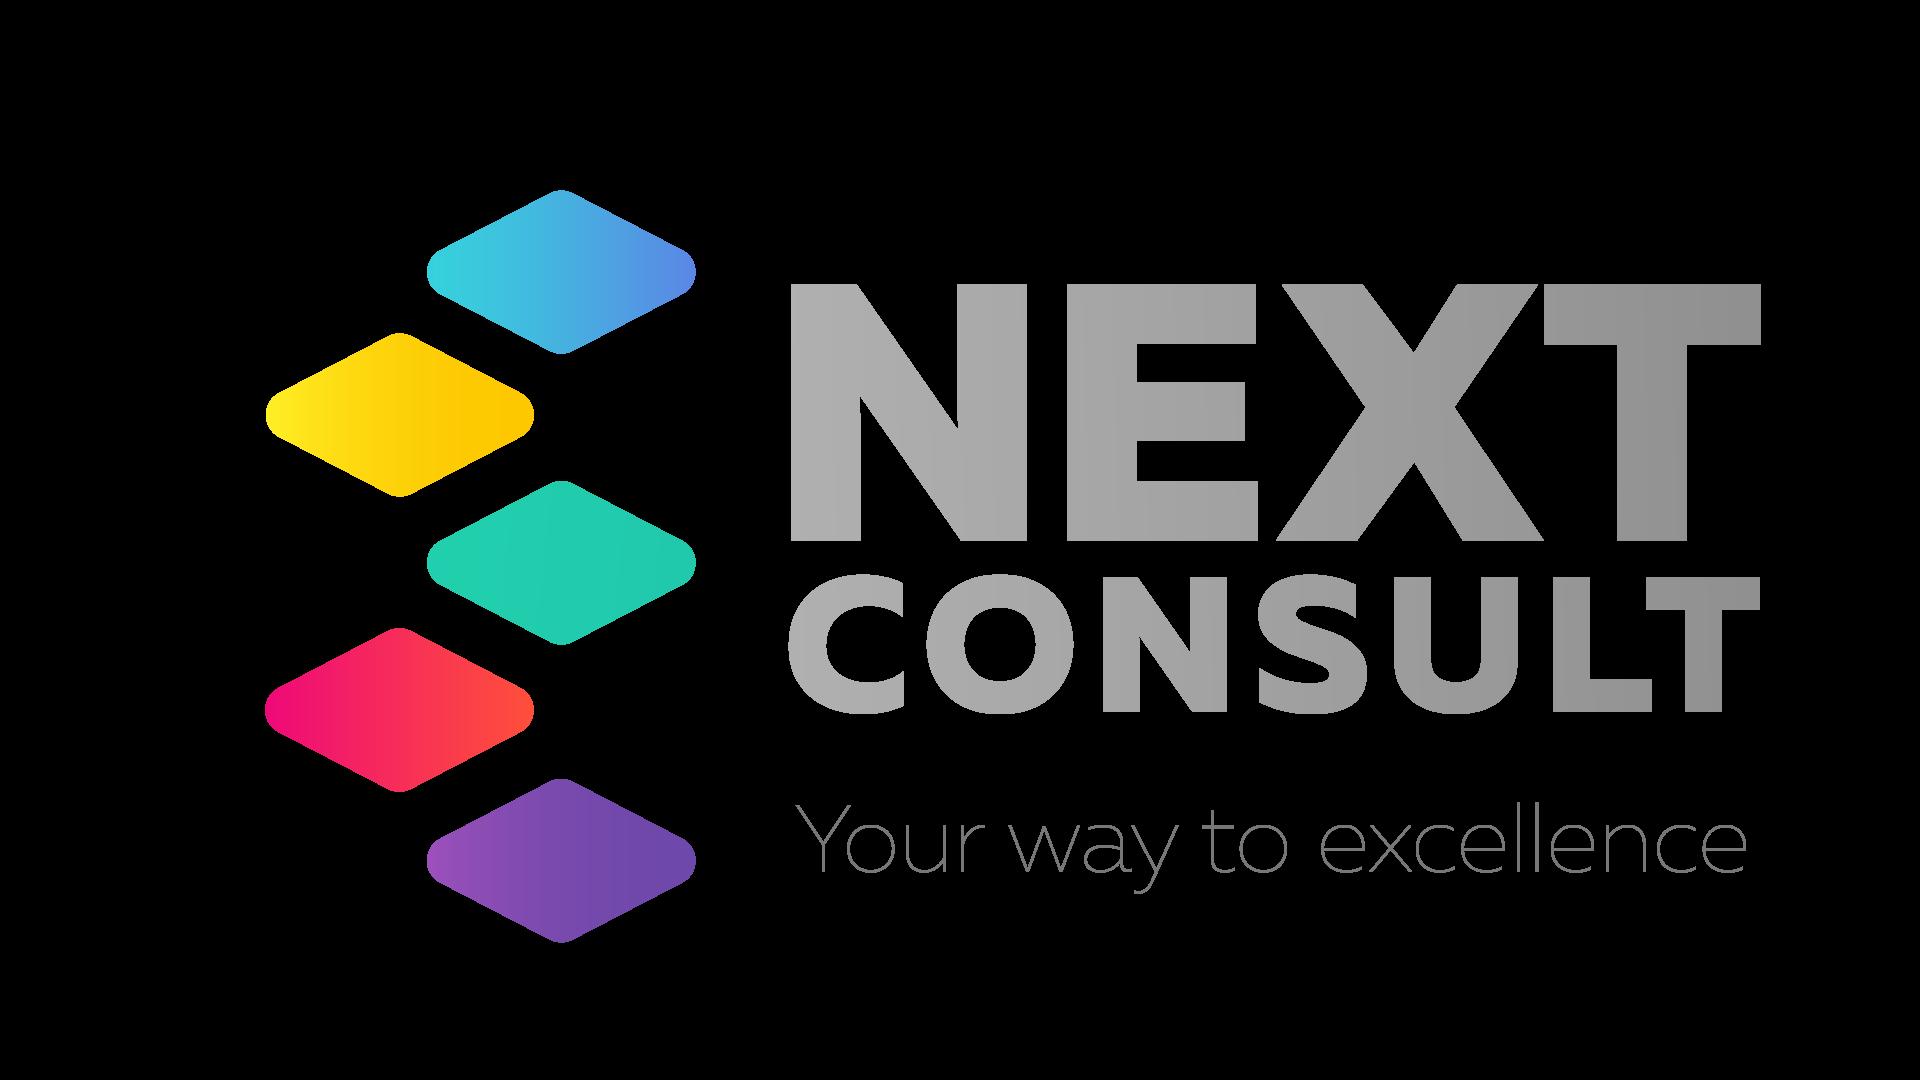 Next Consult